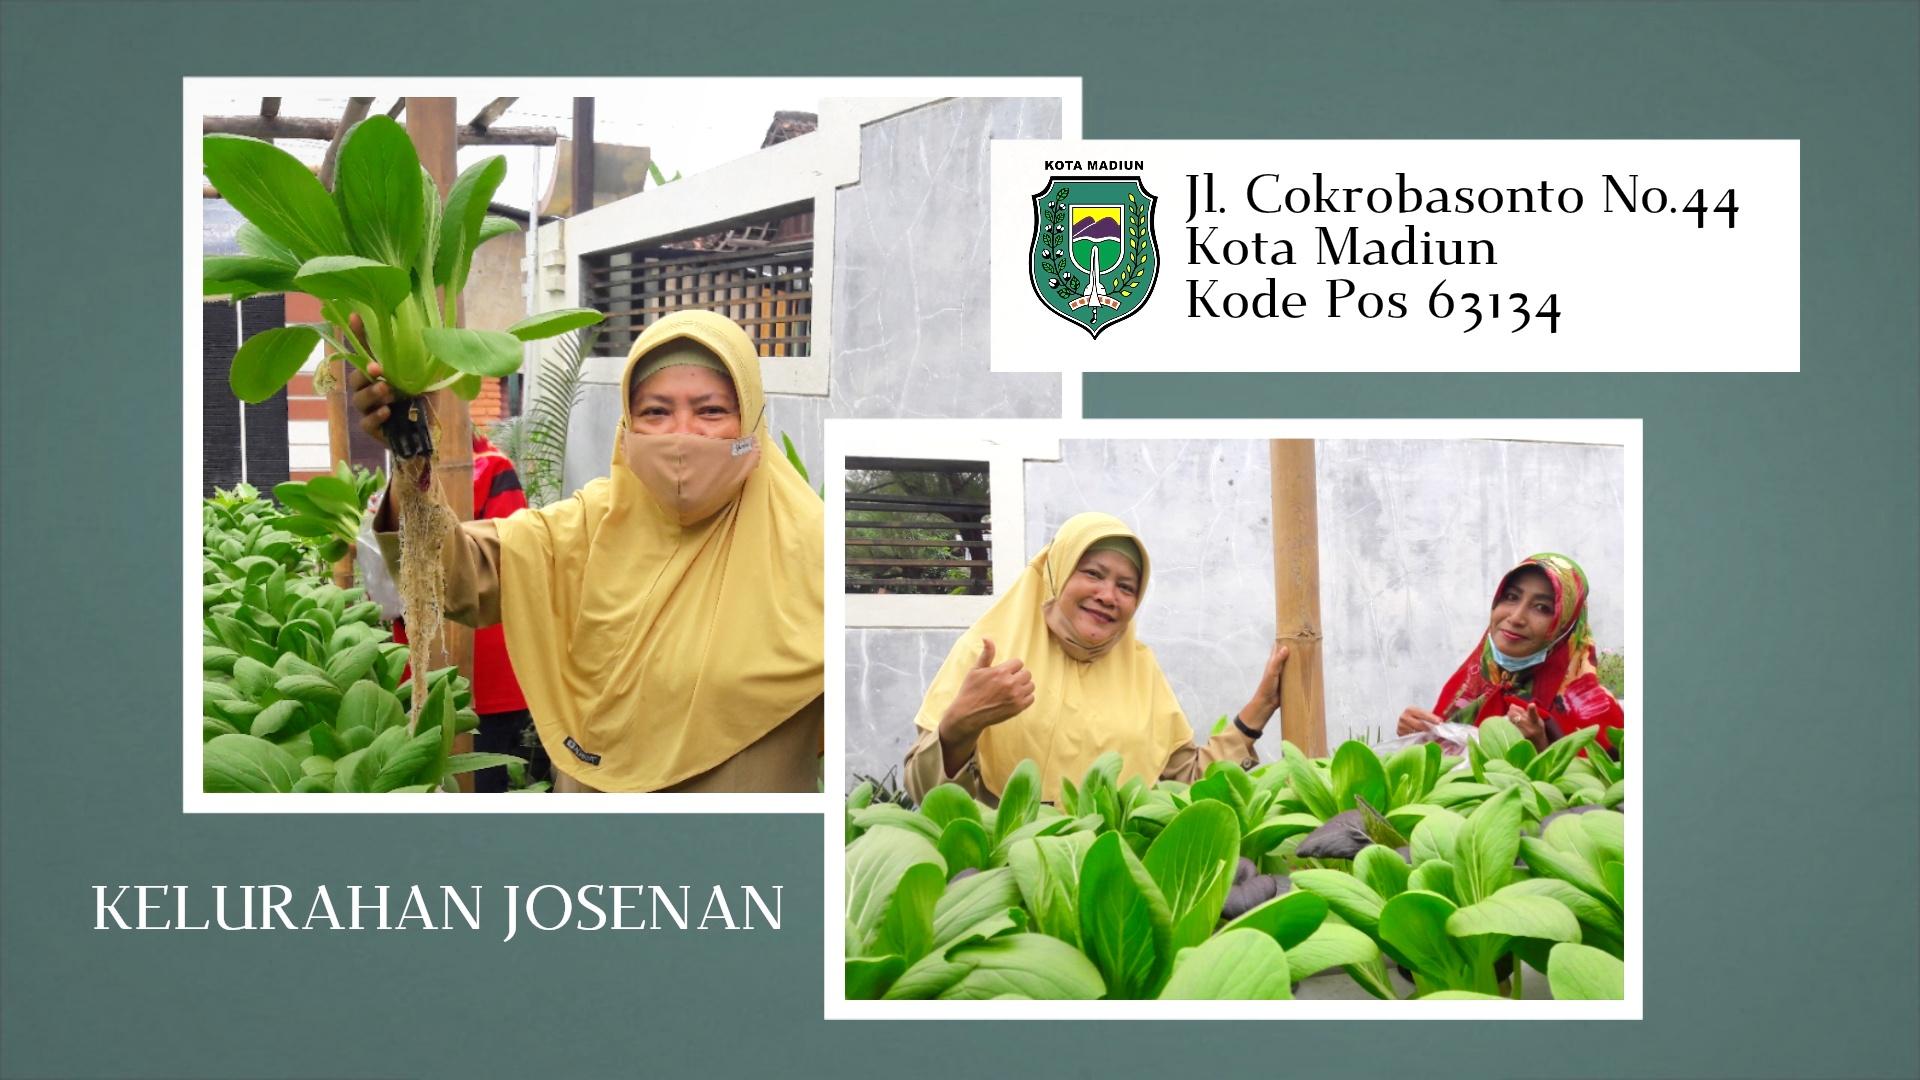 Kelurahan Josenan -Jalan Cokrobasonto No.44 Kota Madiun